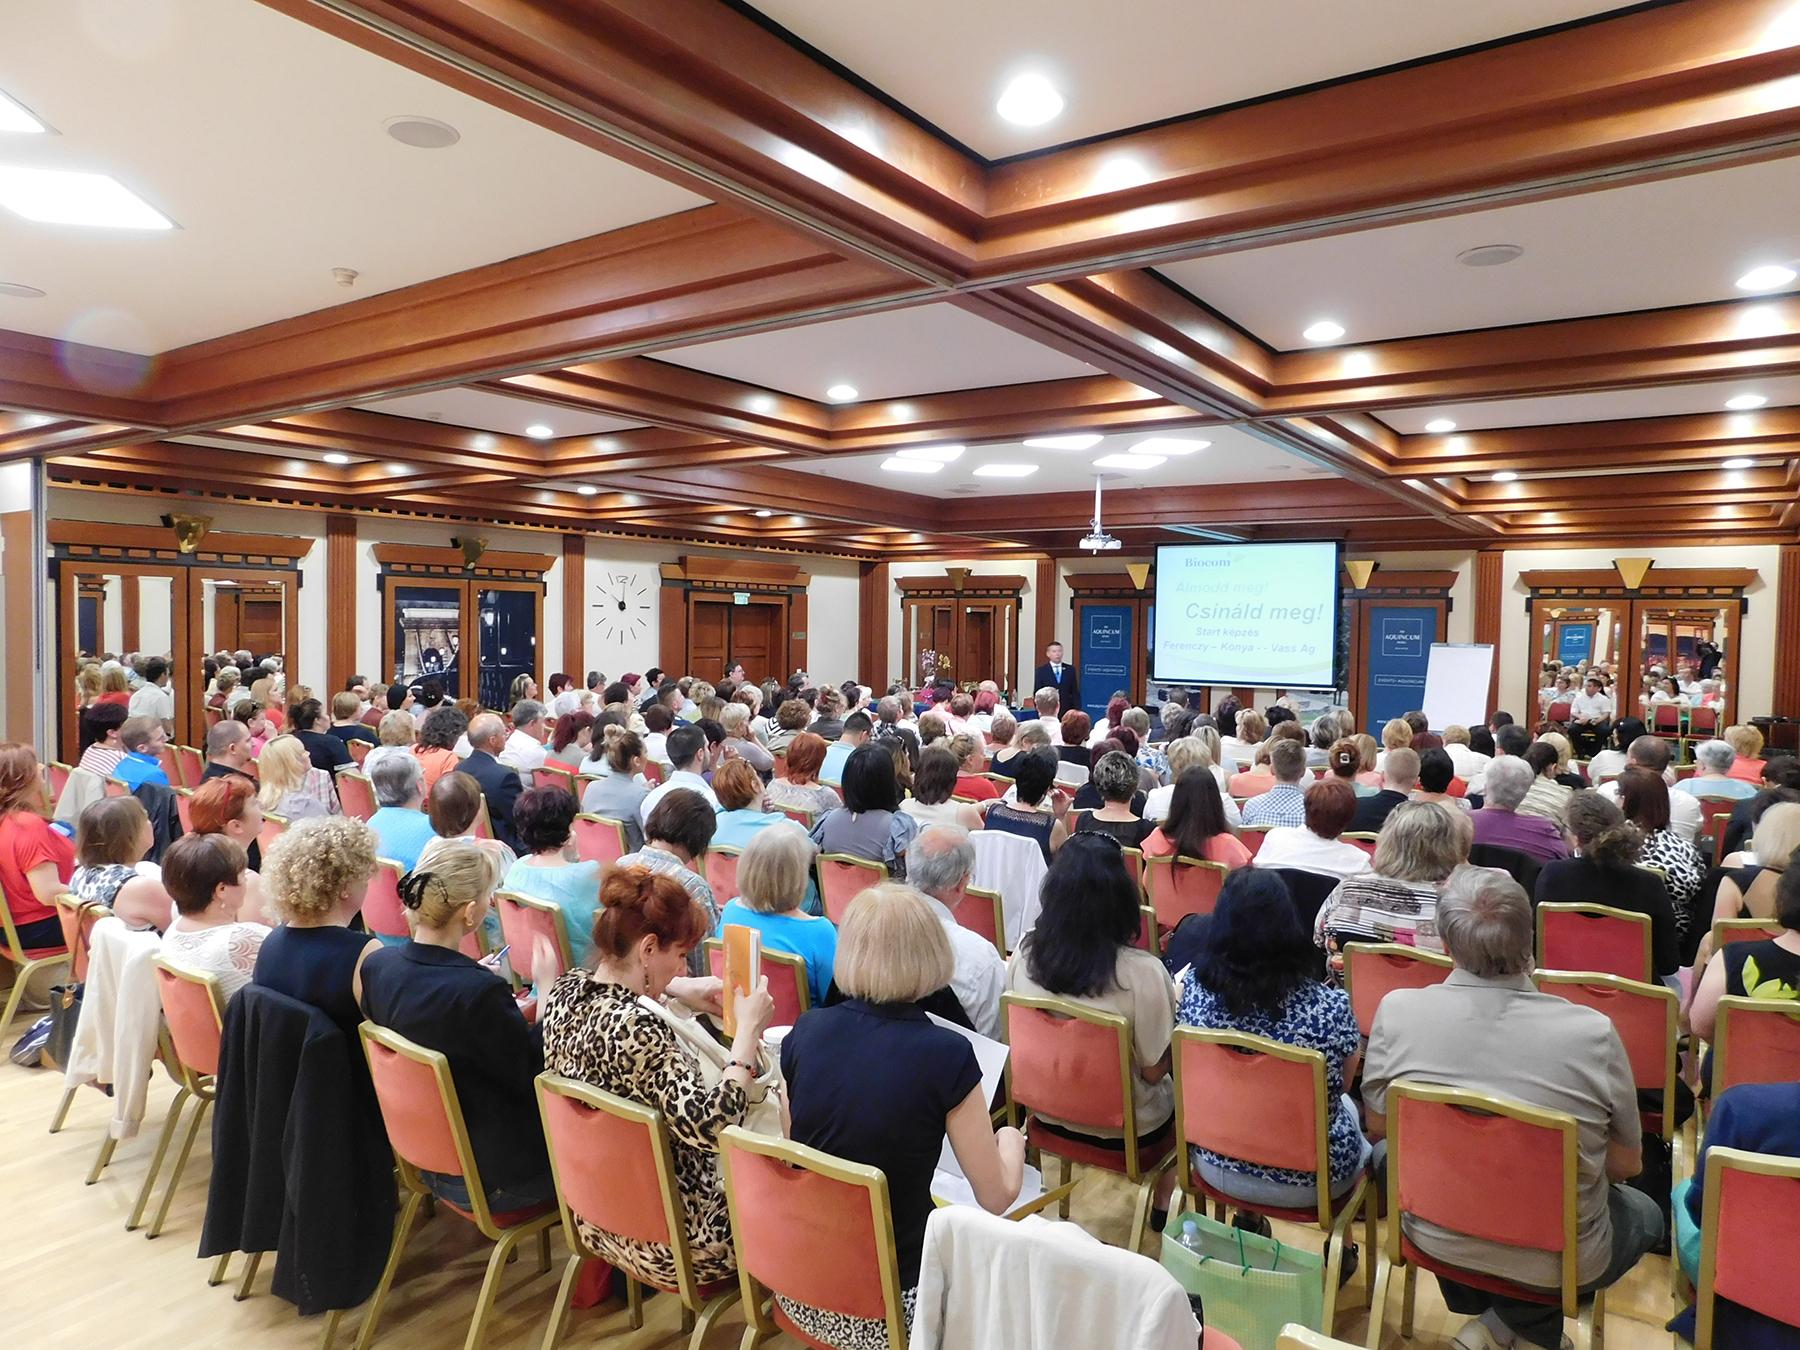 A szokásos telt ház az Aquincumban. A népes hallgatóság éppen Ferenczy László hálózatigazgatóra figyel.